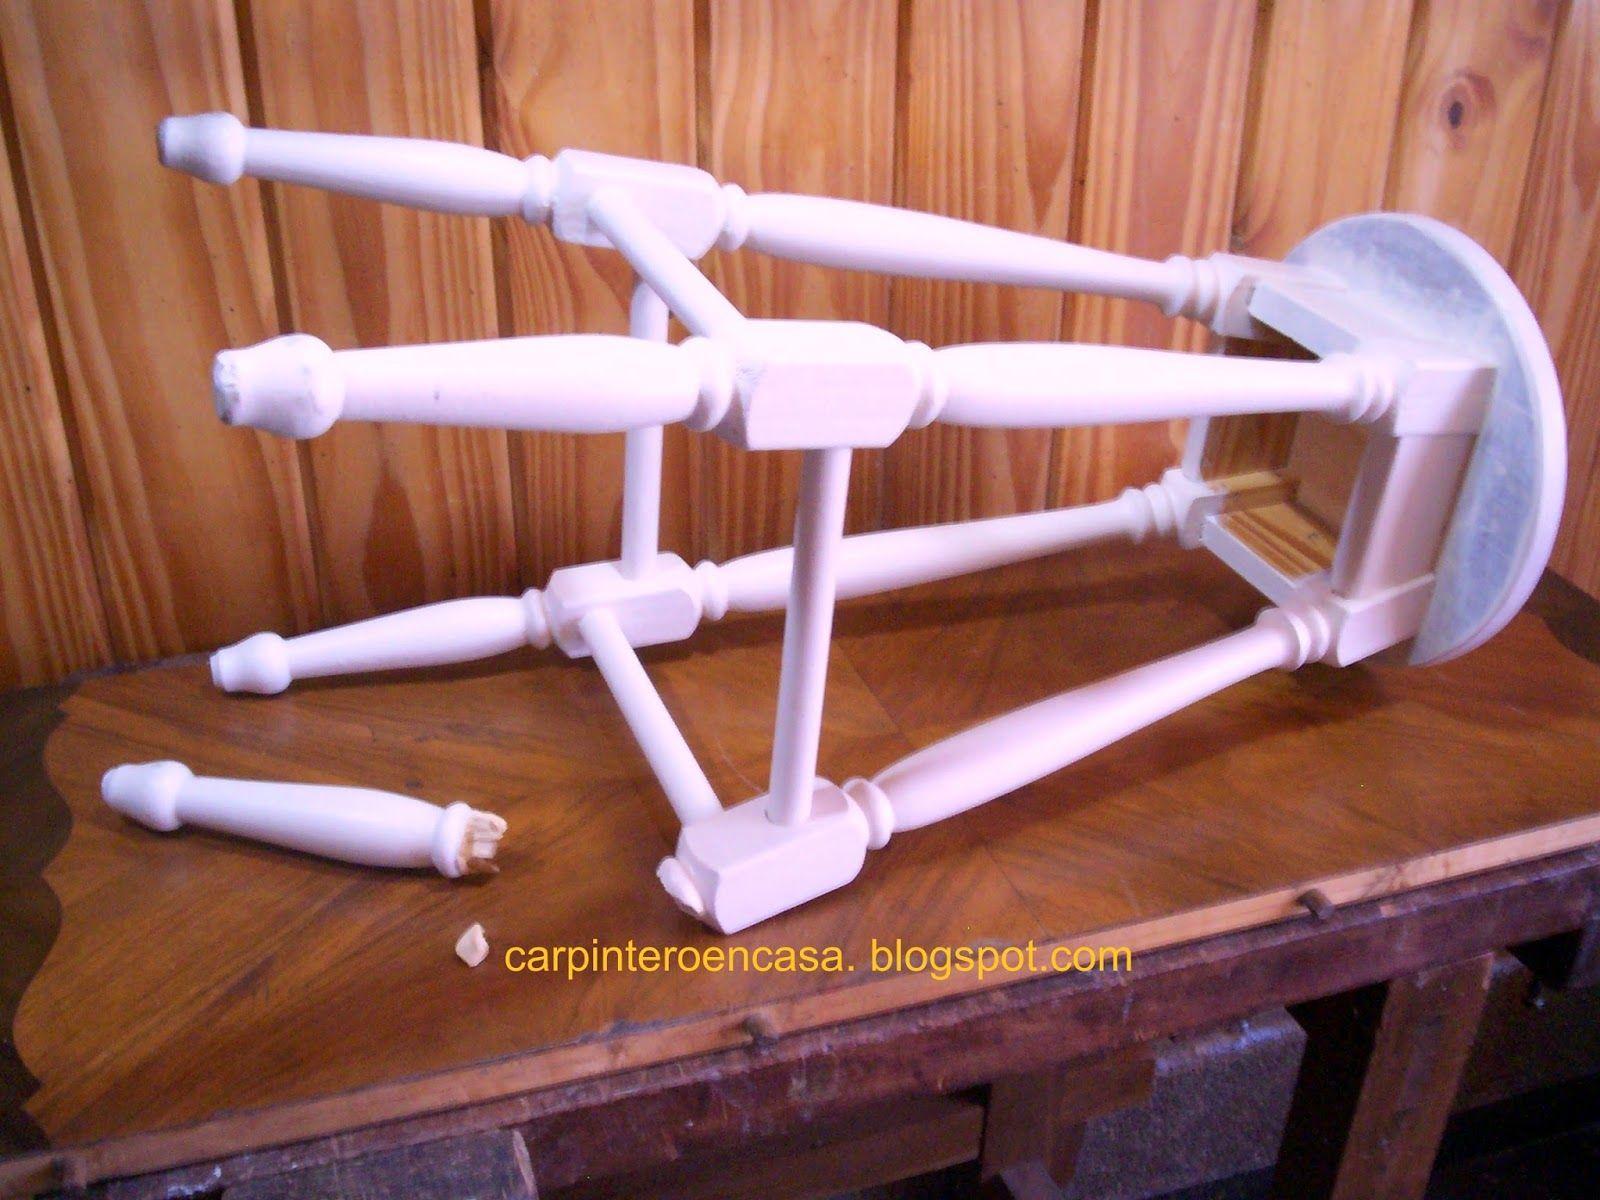 Carpintero En Casa Como Reparar Una Pata De Banco Silla Mesa Patas De Muebles De Madera Patas De Banco Sillas